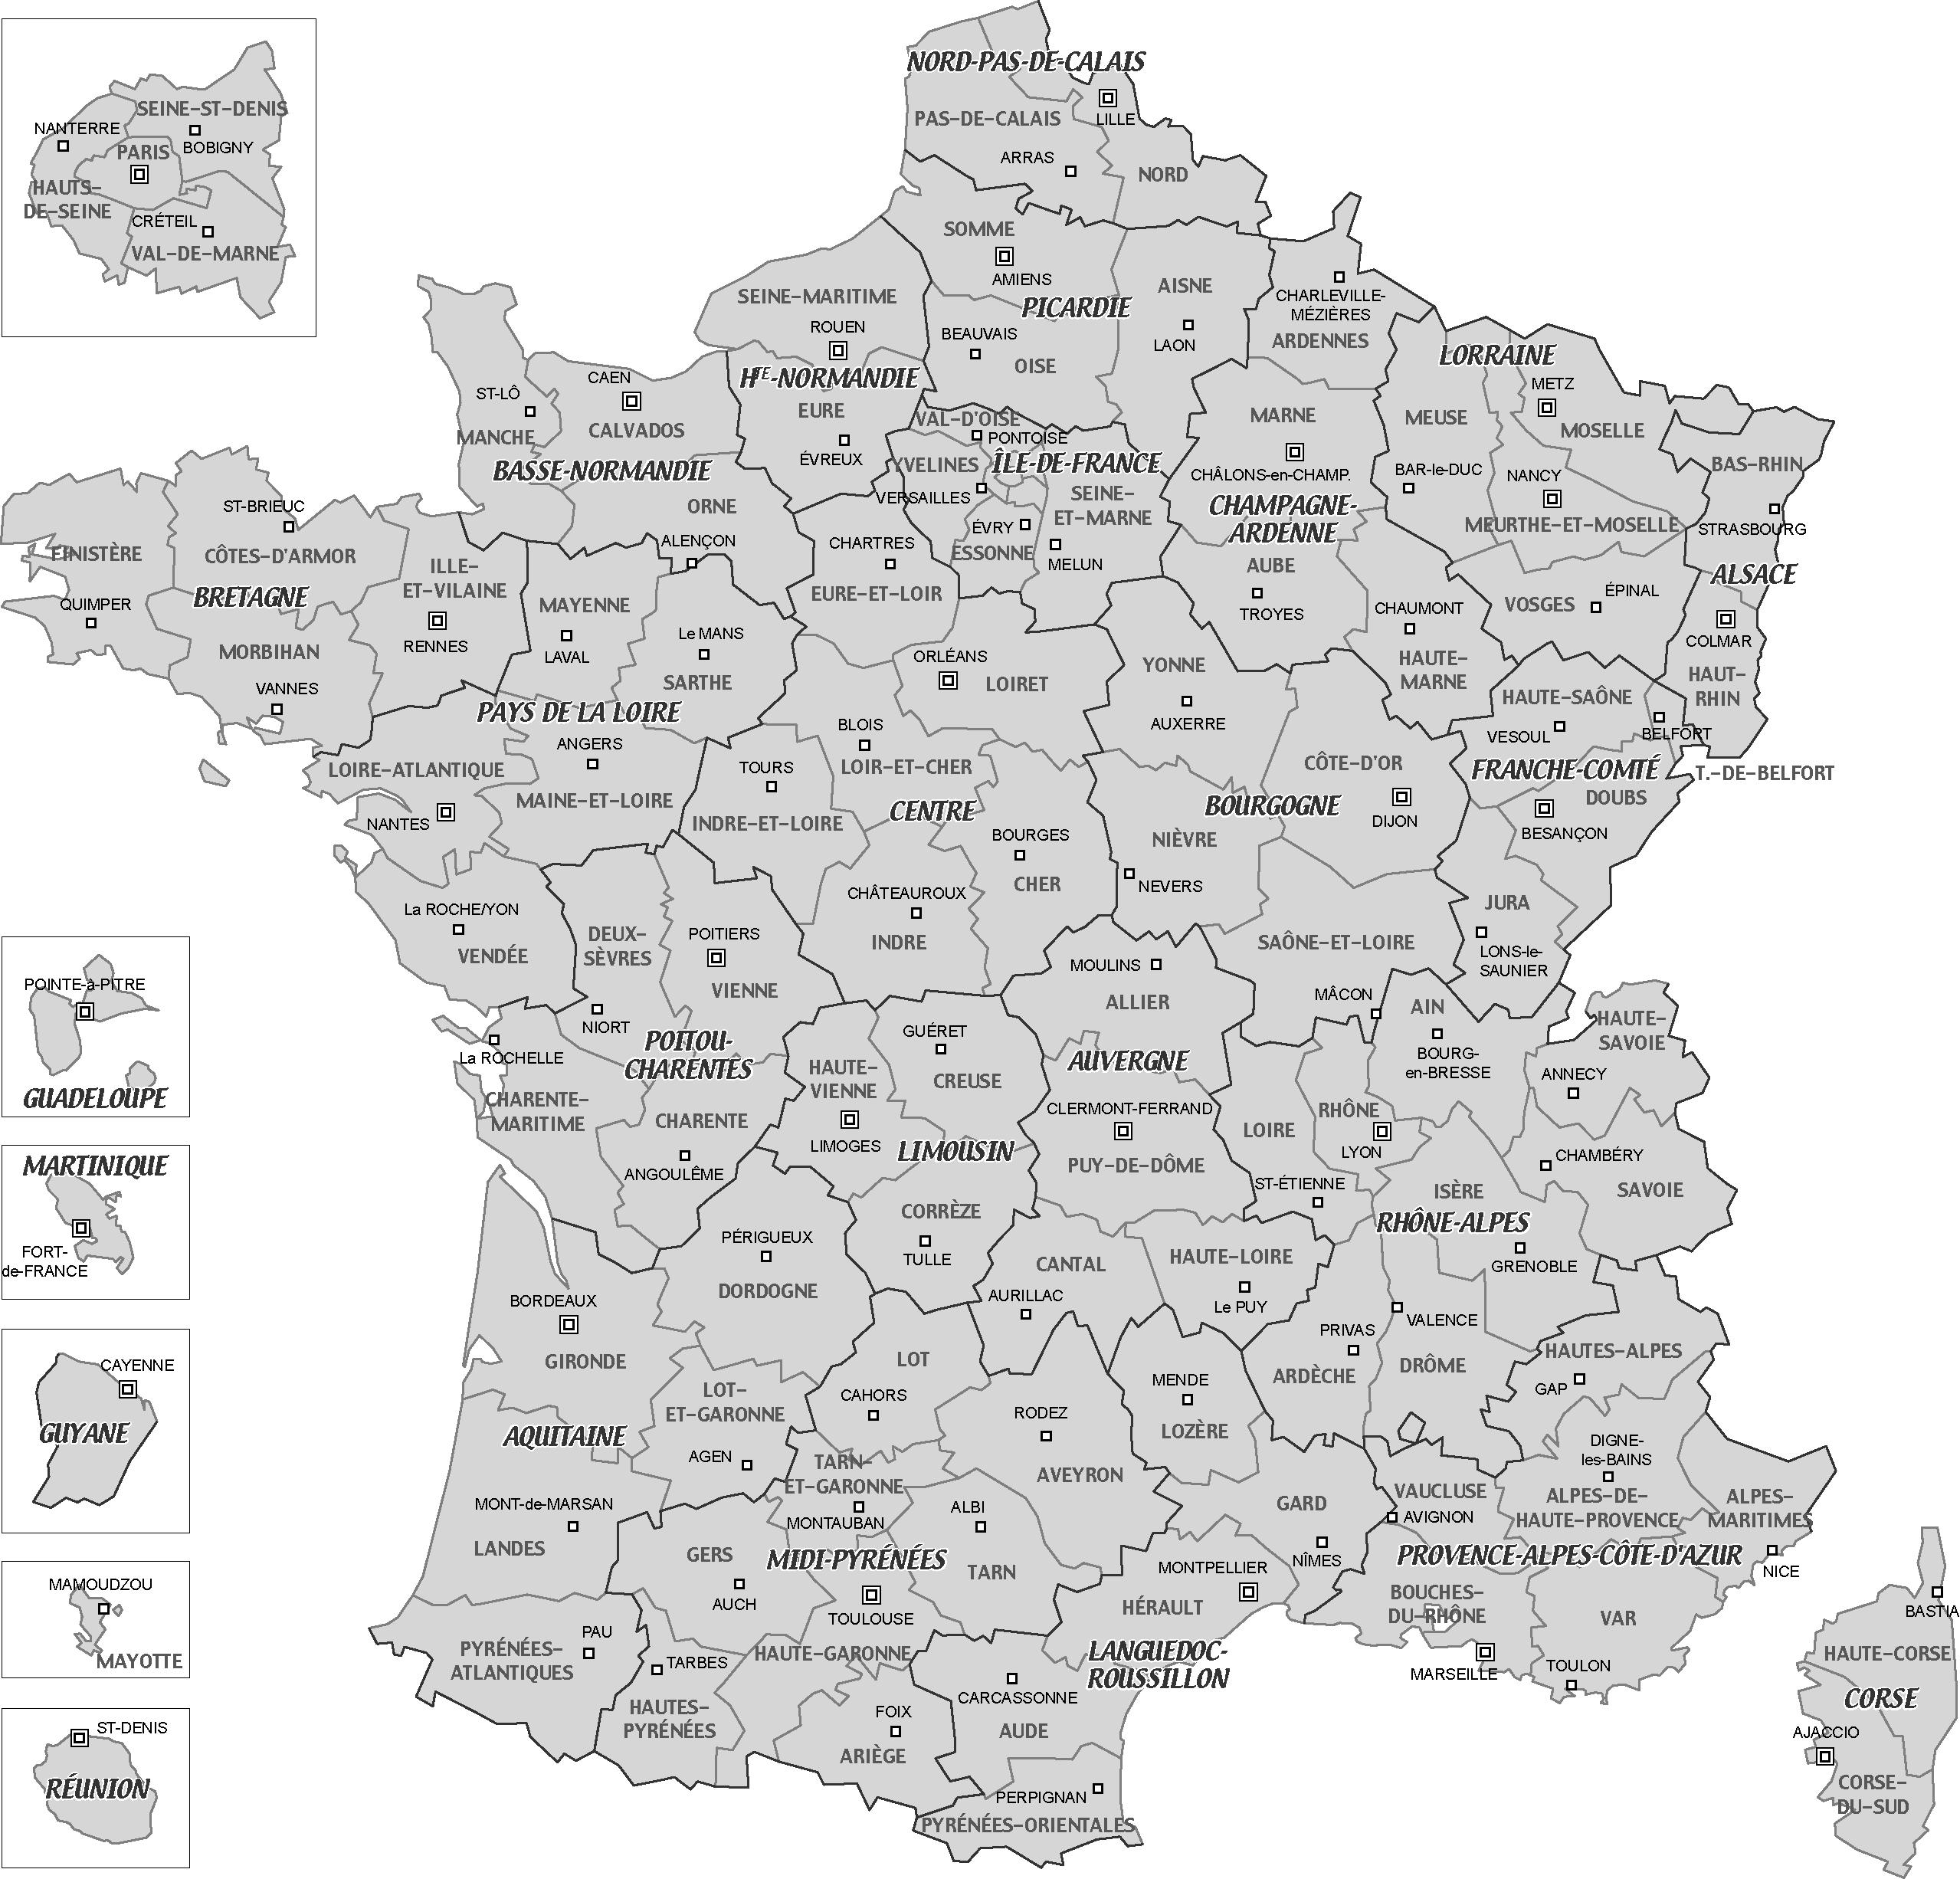 Cartes De France, Cartes Et Rmations Des Régions concernant Carte France Vierge Villes